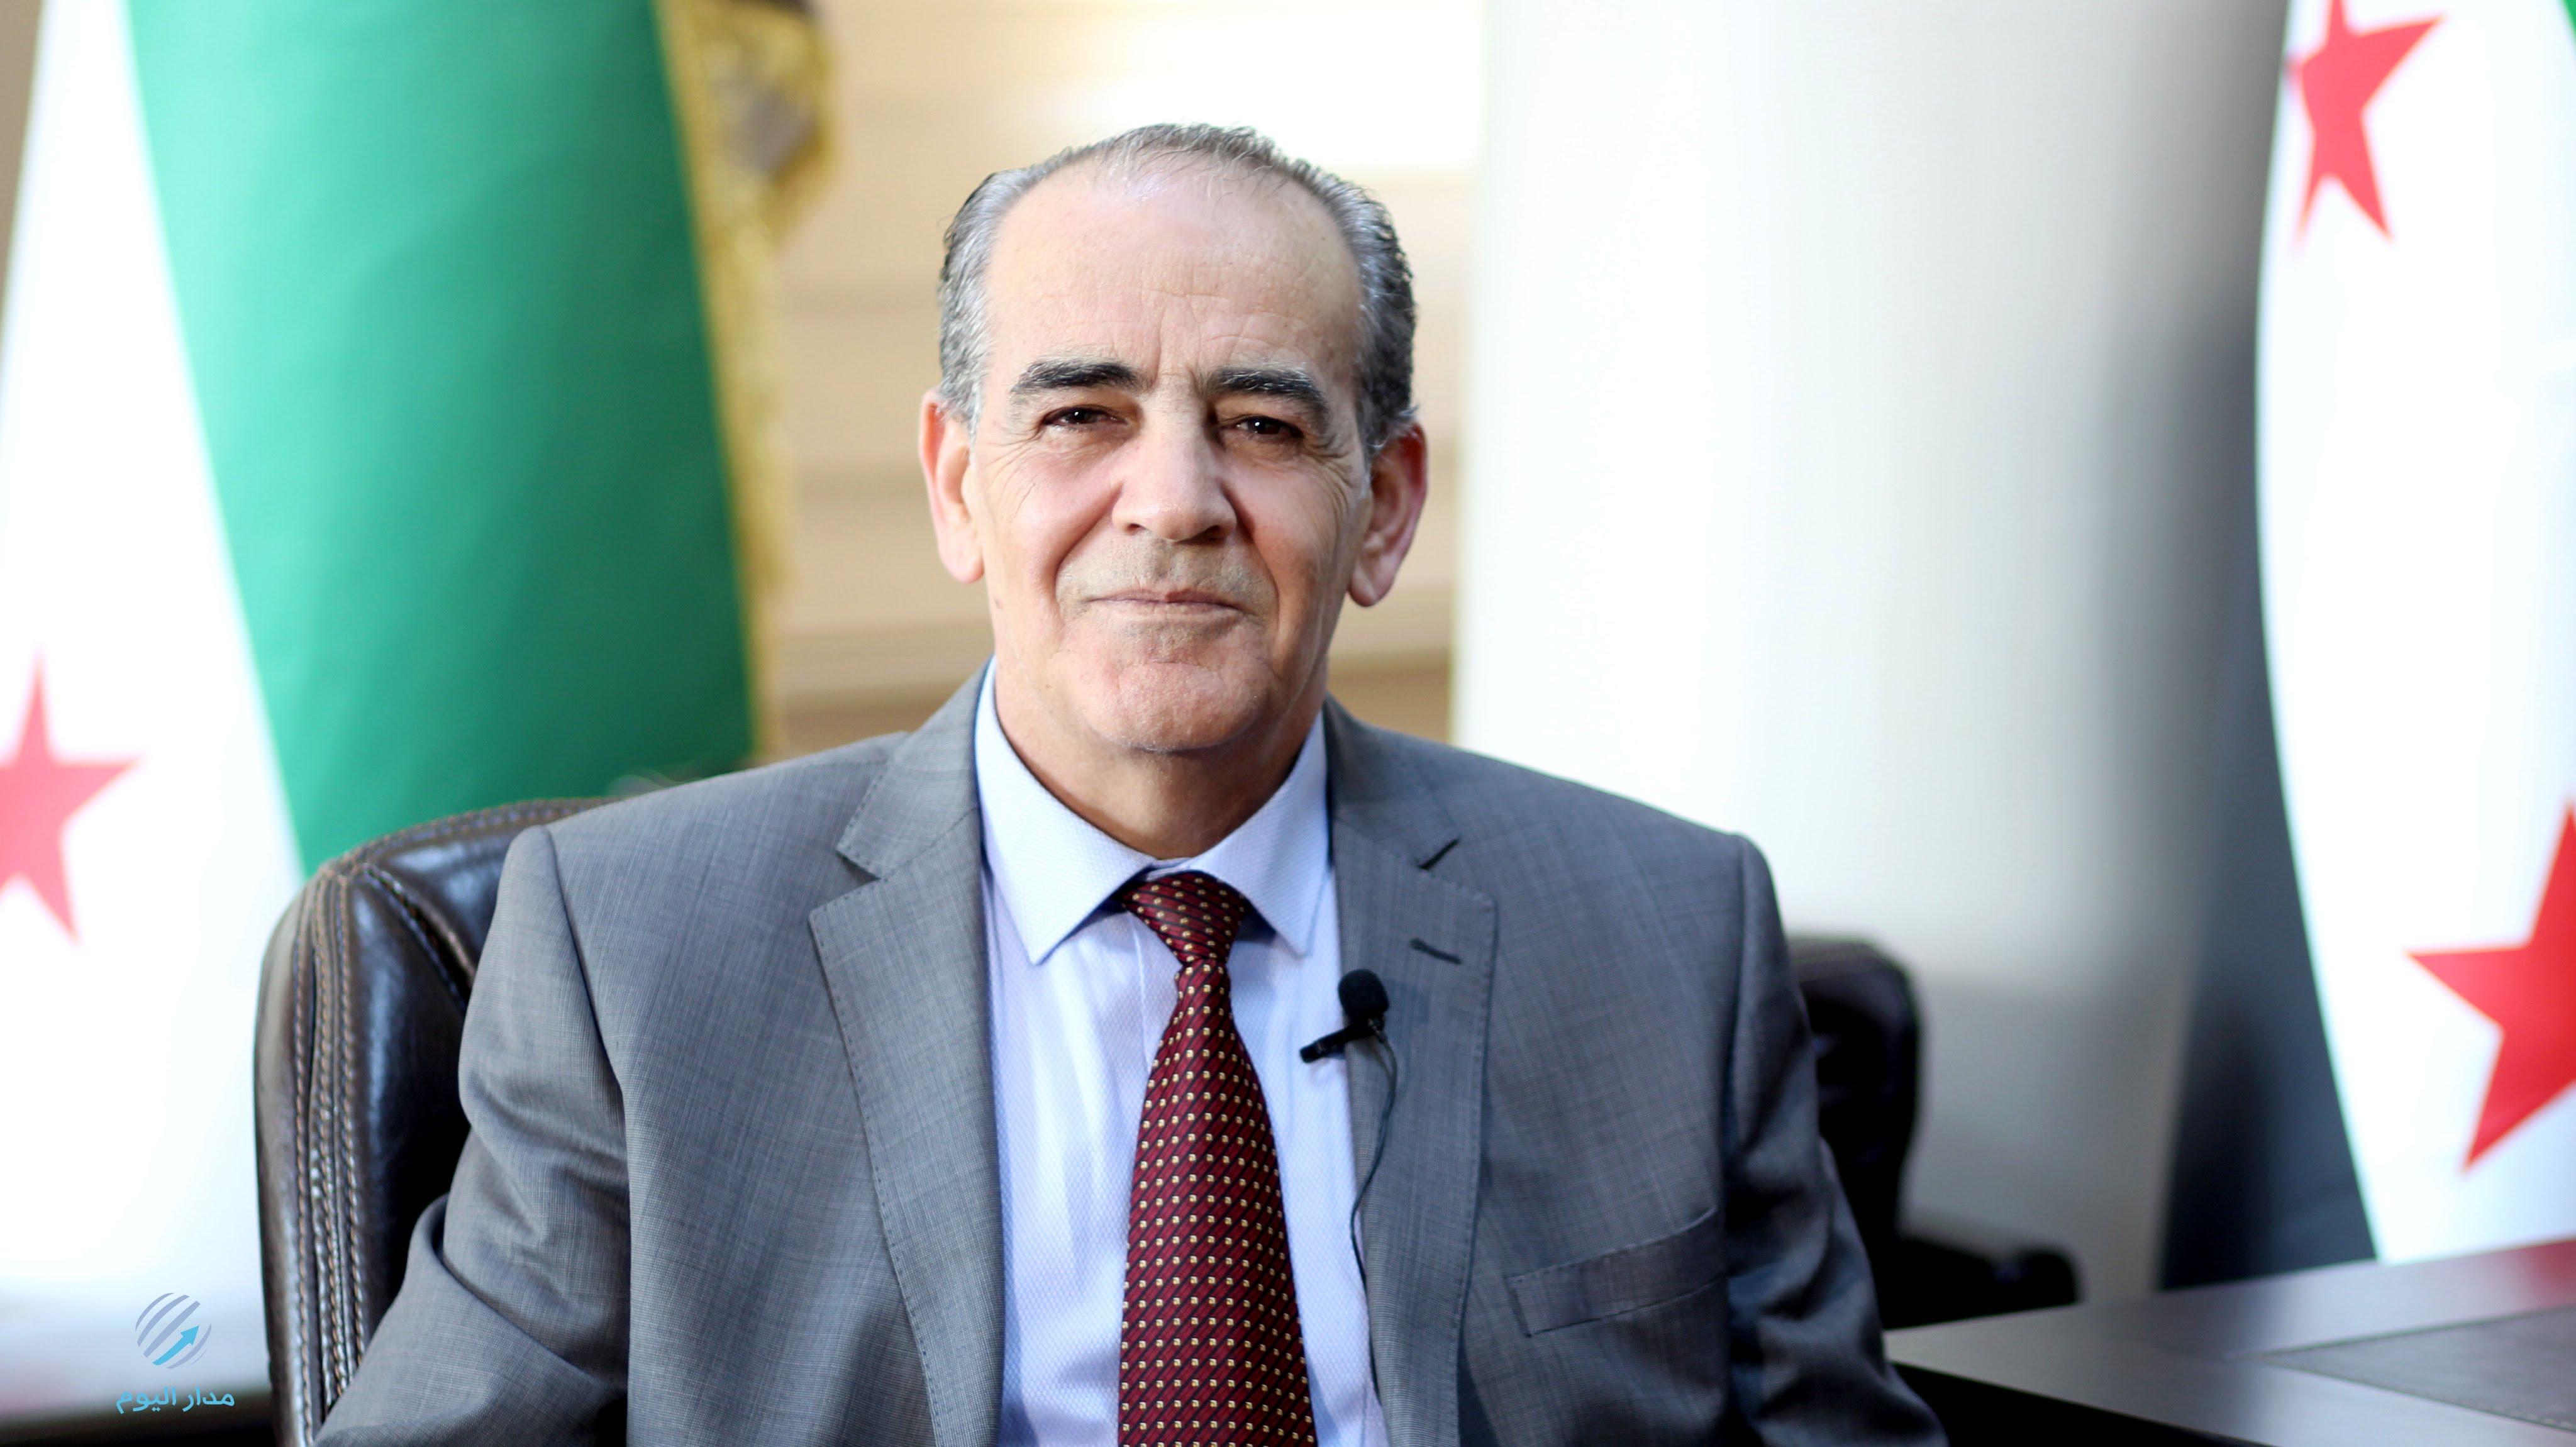 العريضي: مؤتمر سوتشي لمن يقبل بالأسد ونظامه فقط